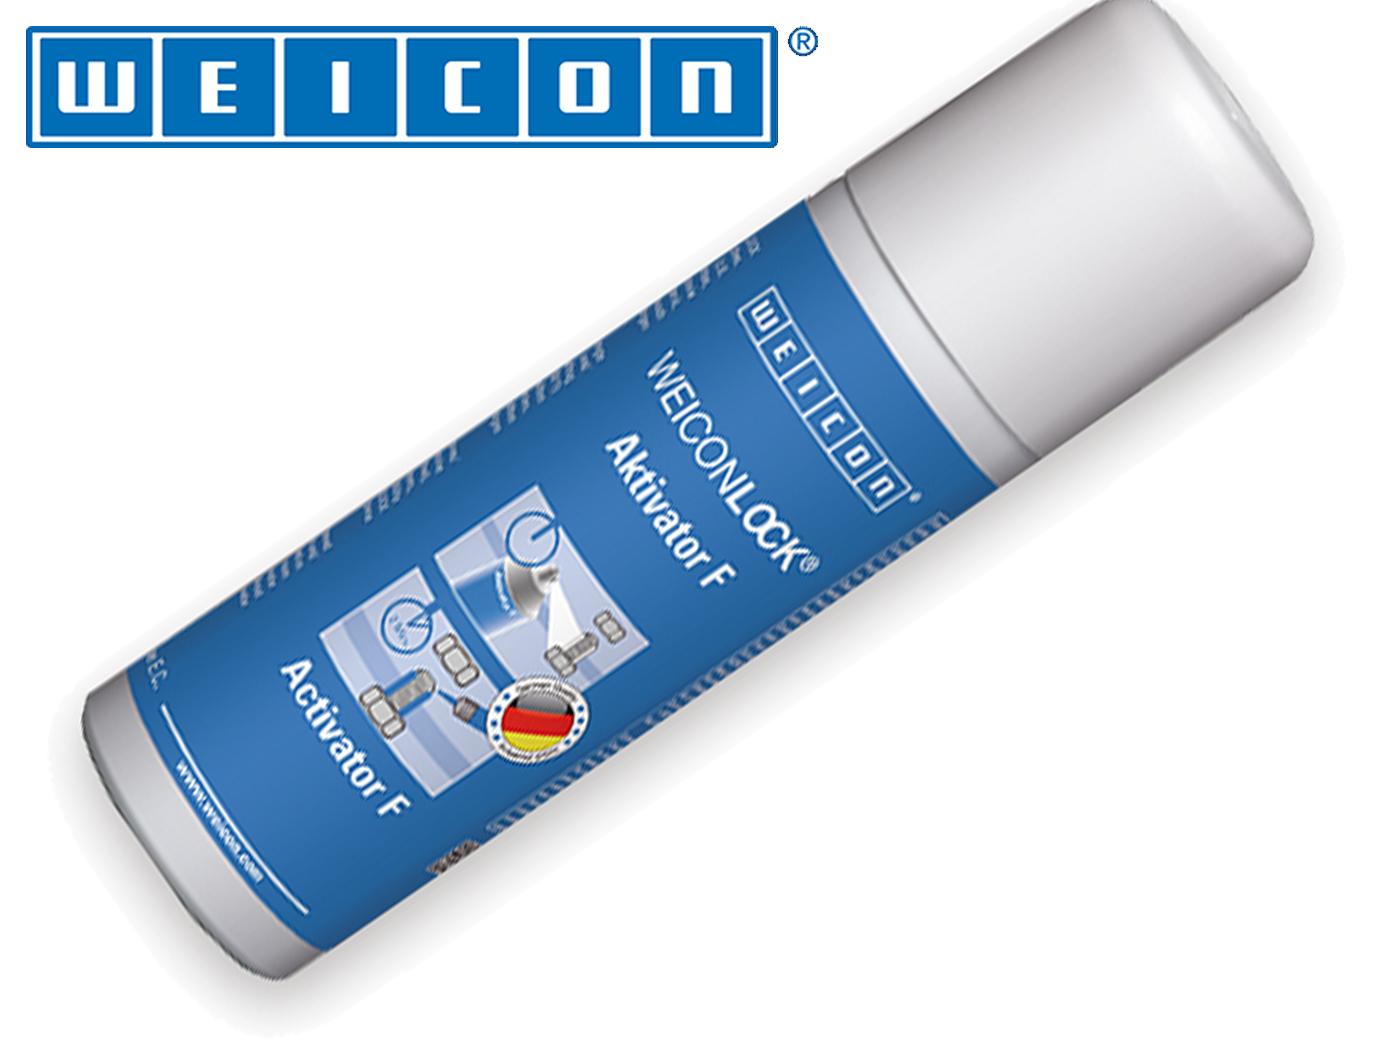 Weiconlock Activator Spray passieve oppervlakken   DKMTools - DKM Tools